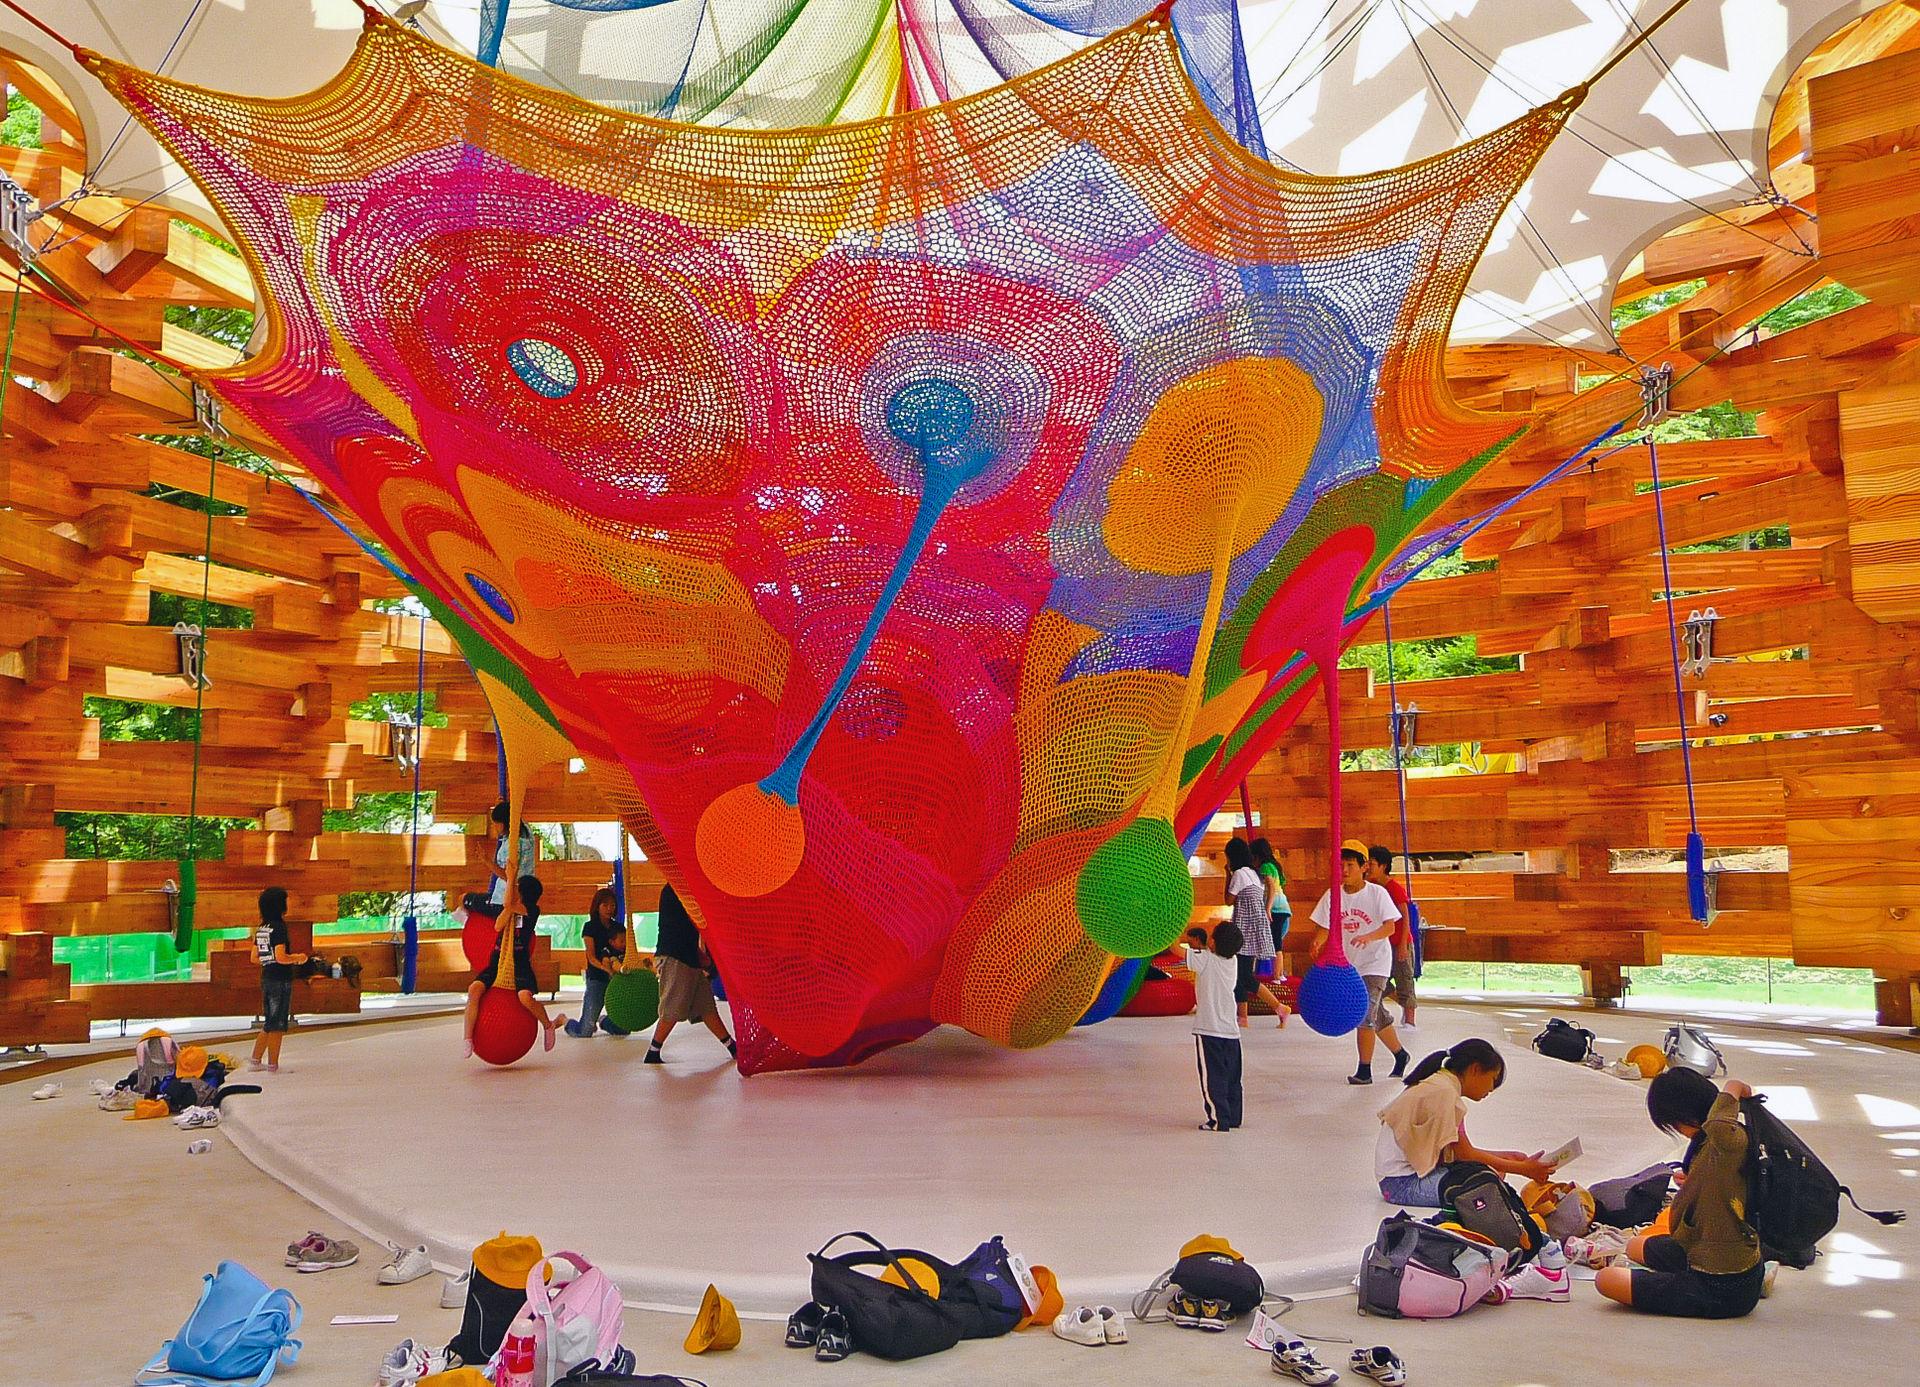 Playground at Fuji-Hakone-Izu National Park